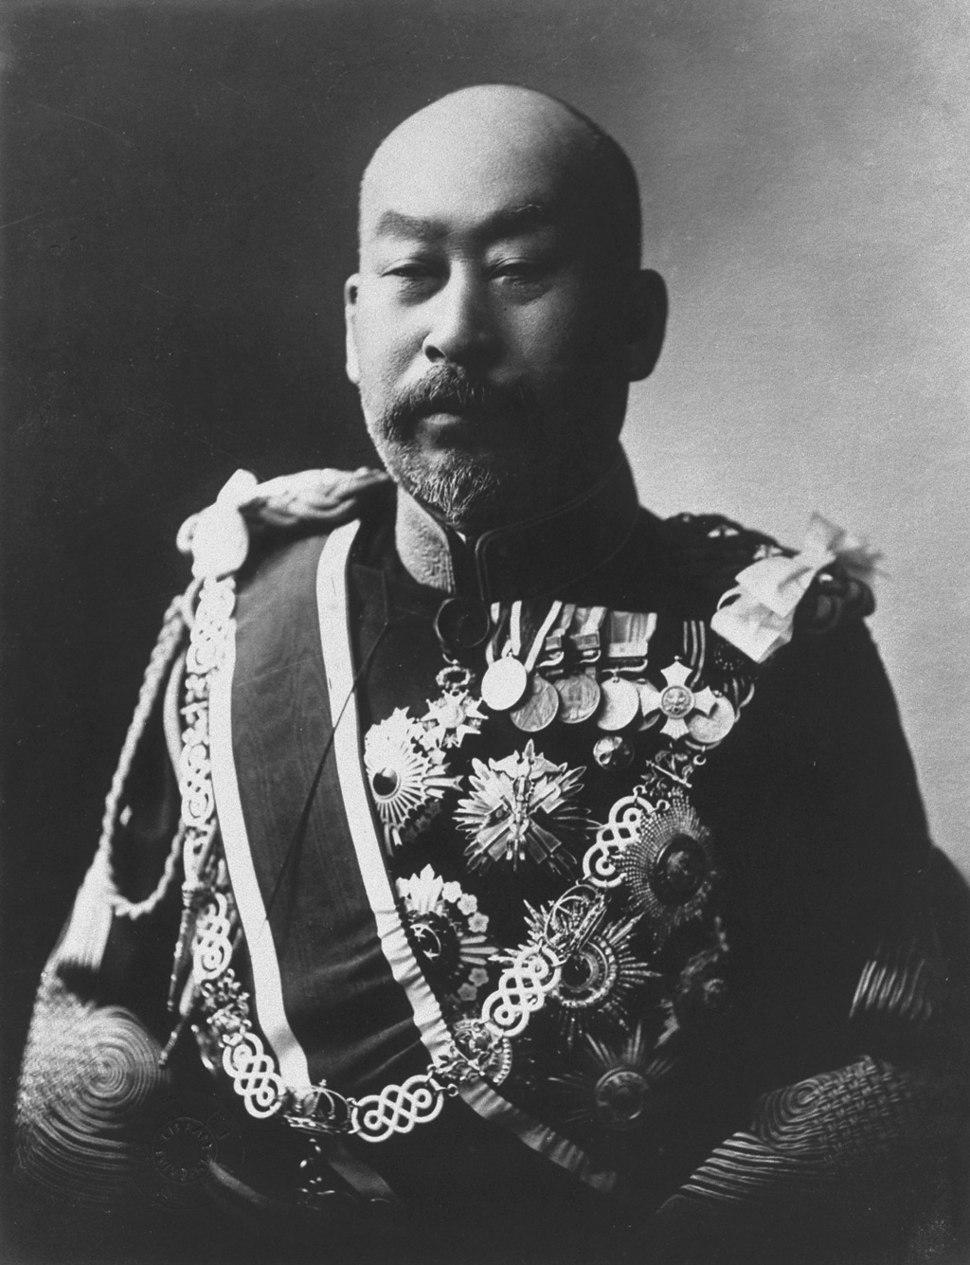 Masatake Terauchi 2